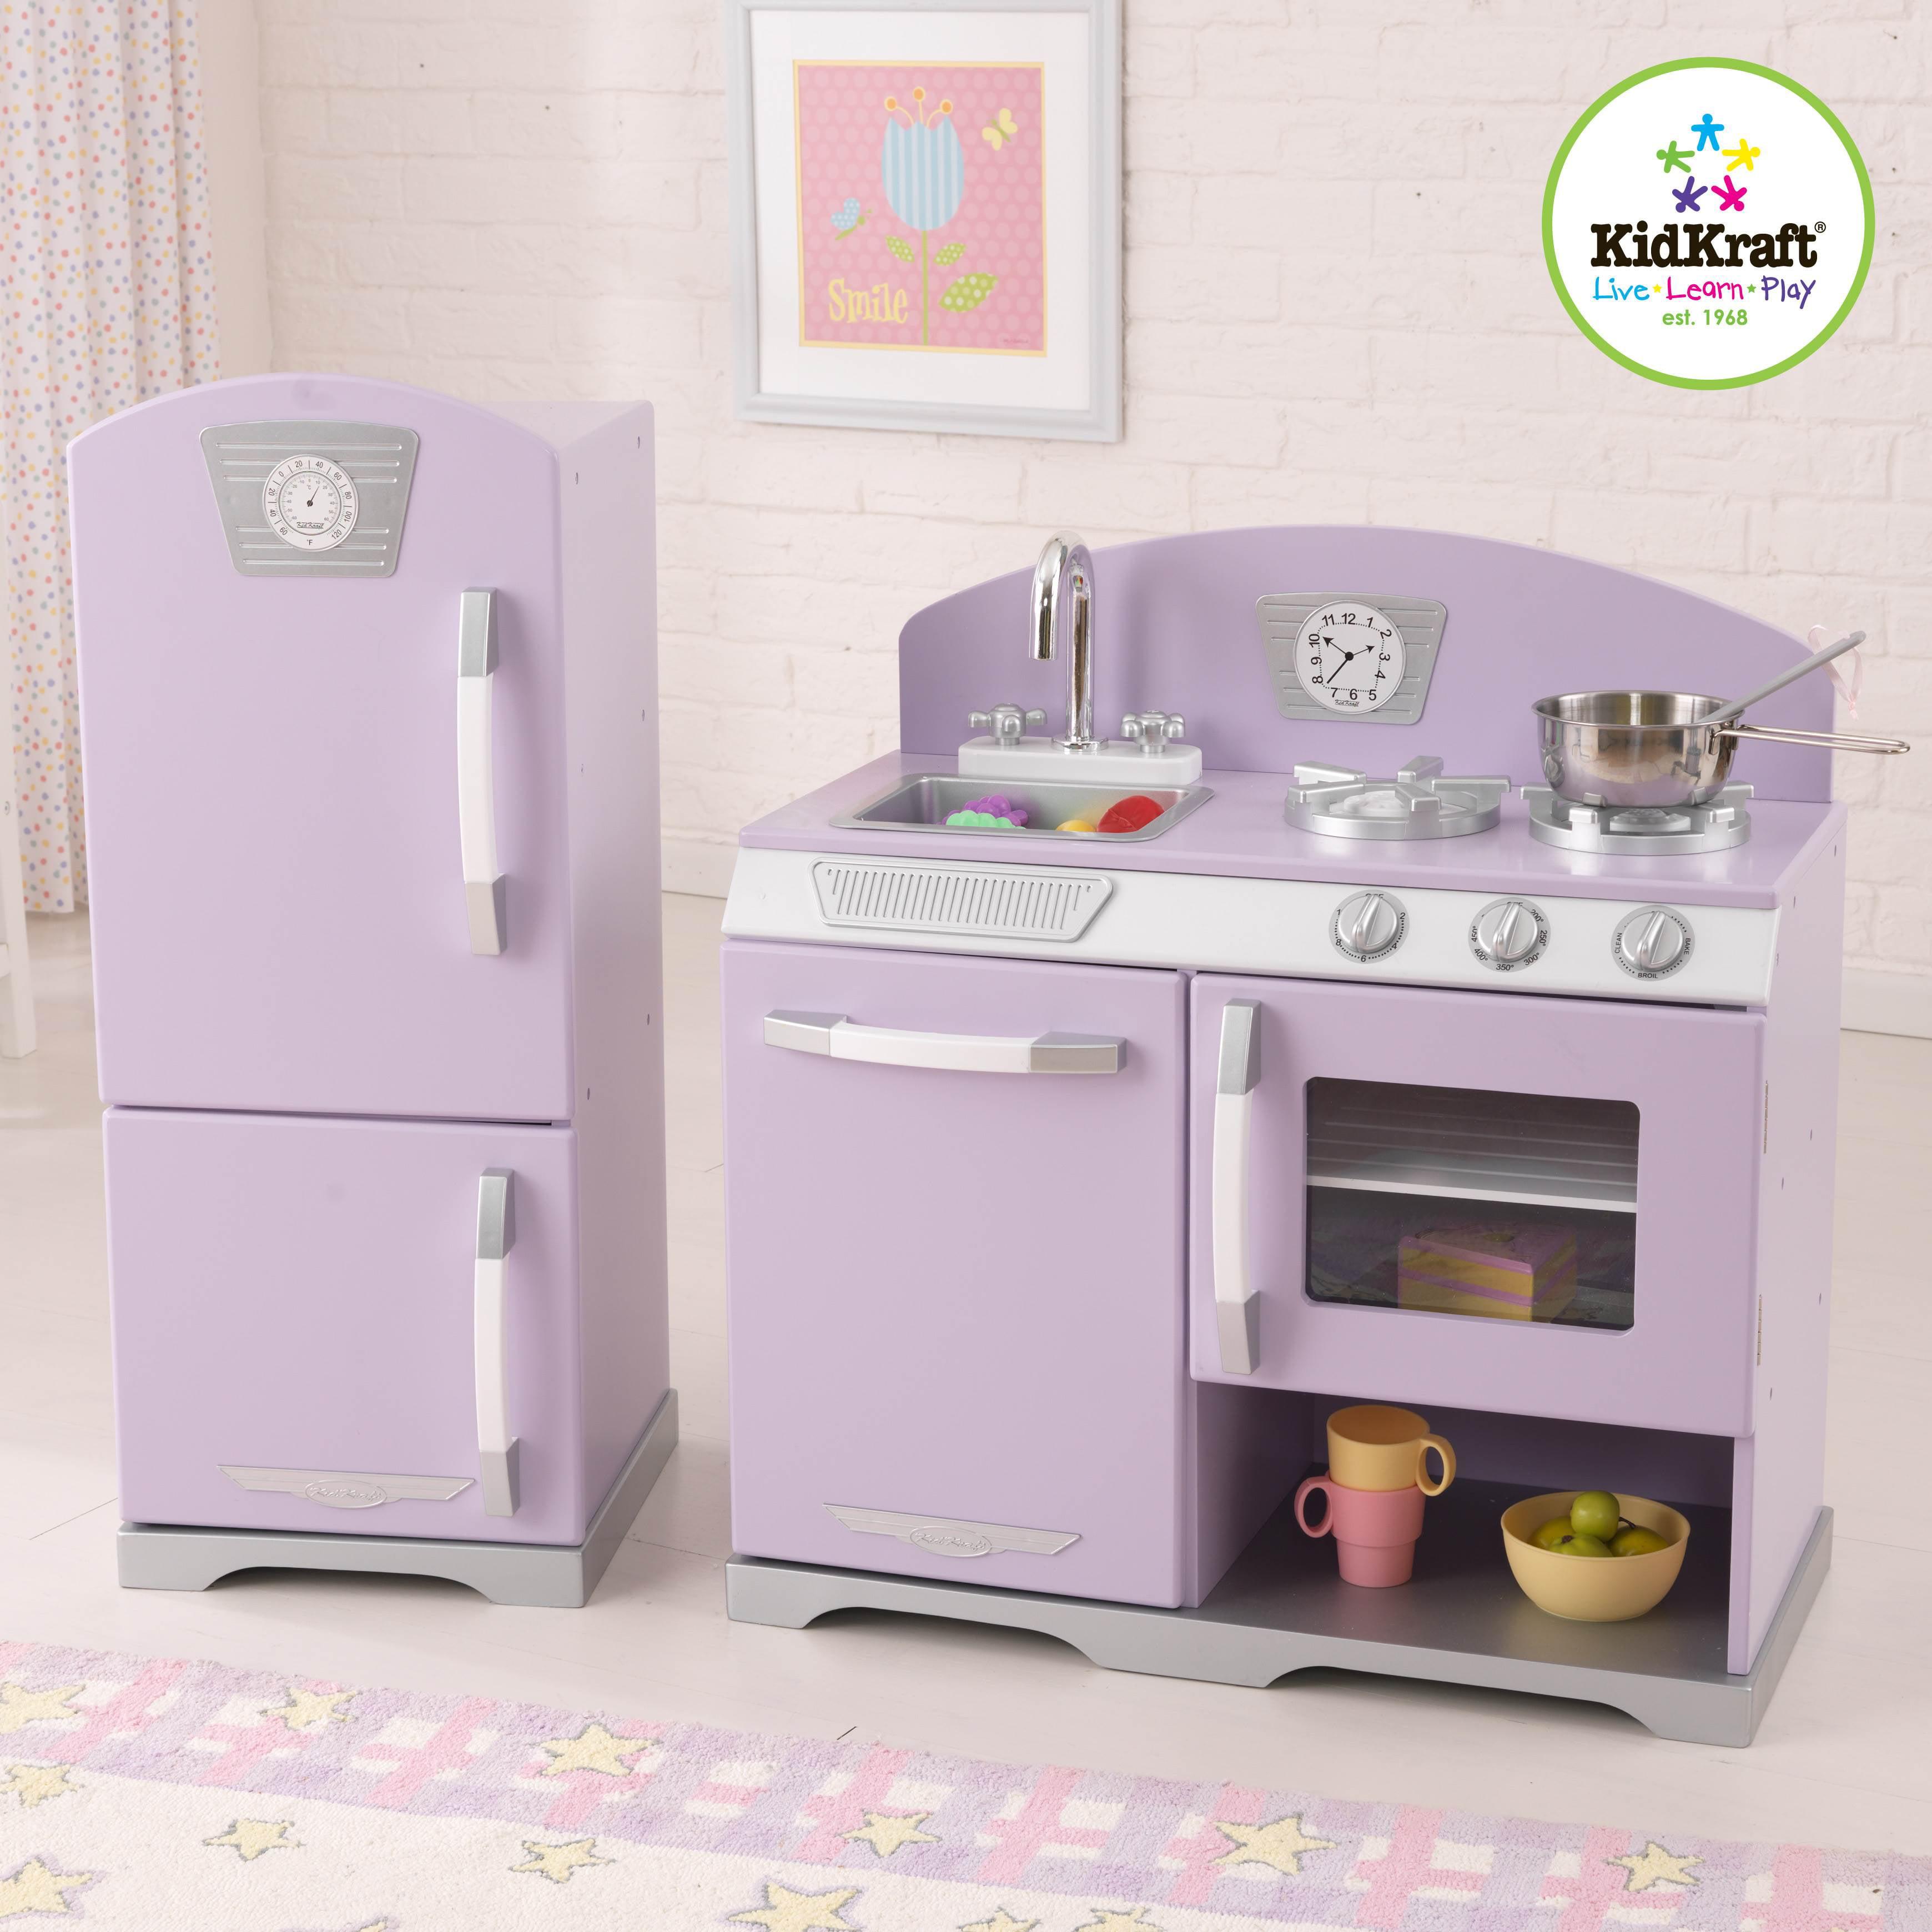 Kidkraft 2 Piece Lavender Retro Kitchen